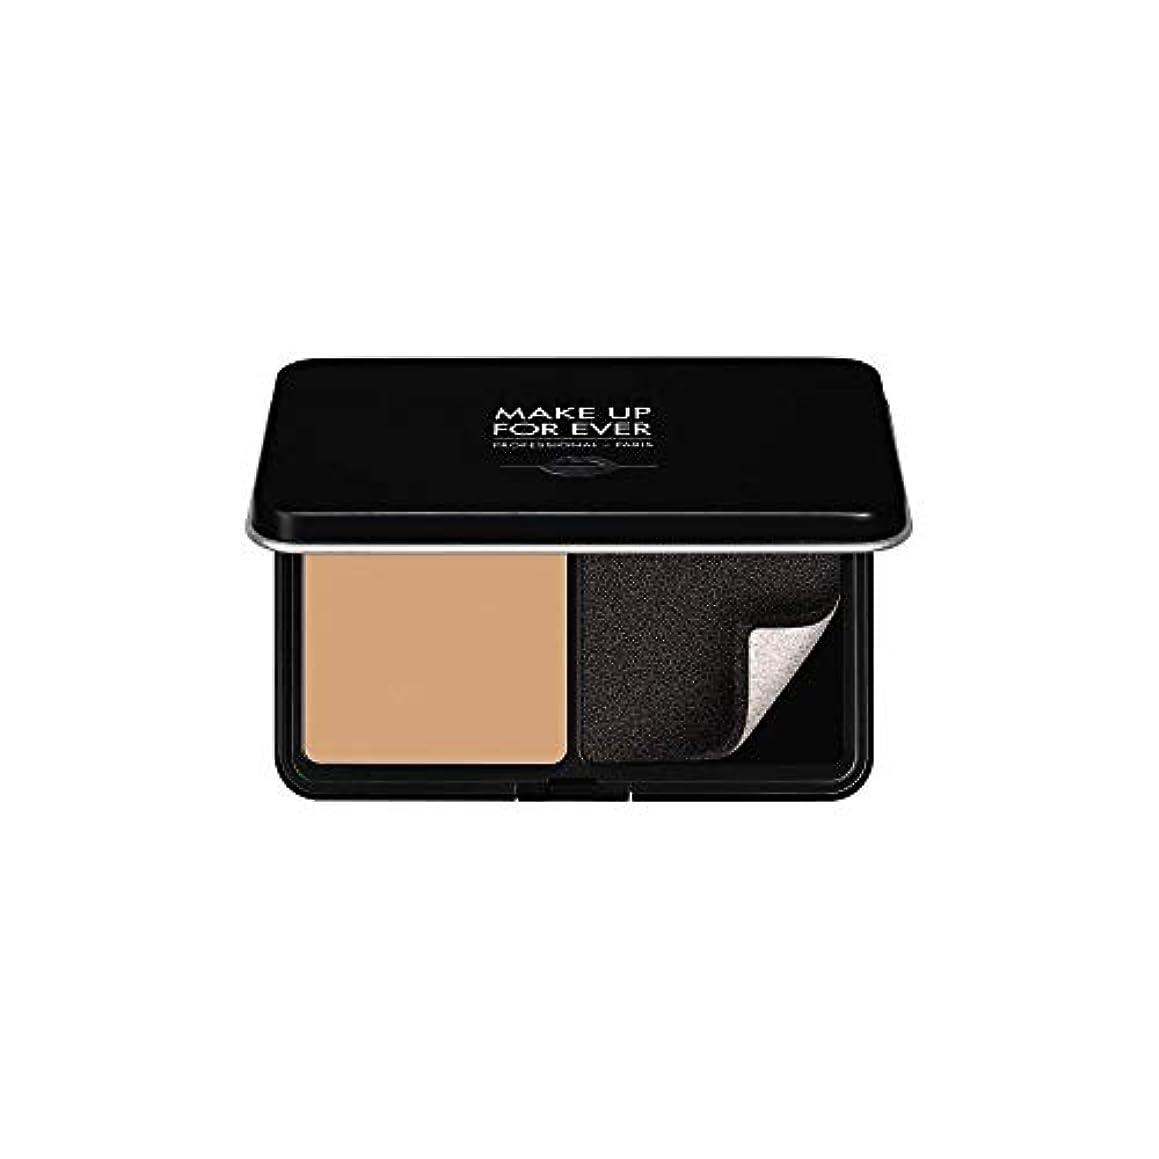 意味洗練不屈メイクアップフォーエバー Matte Velvet Skin Blurring Powder Foundation - # R330 (Warm Ivory) 11g/0.38oz並行輸入品